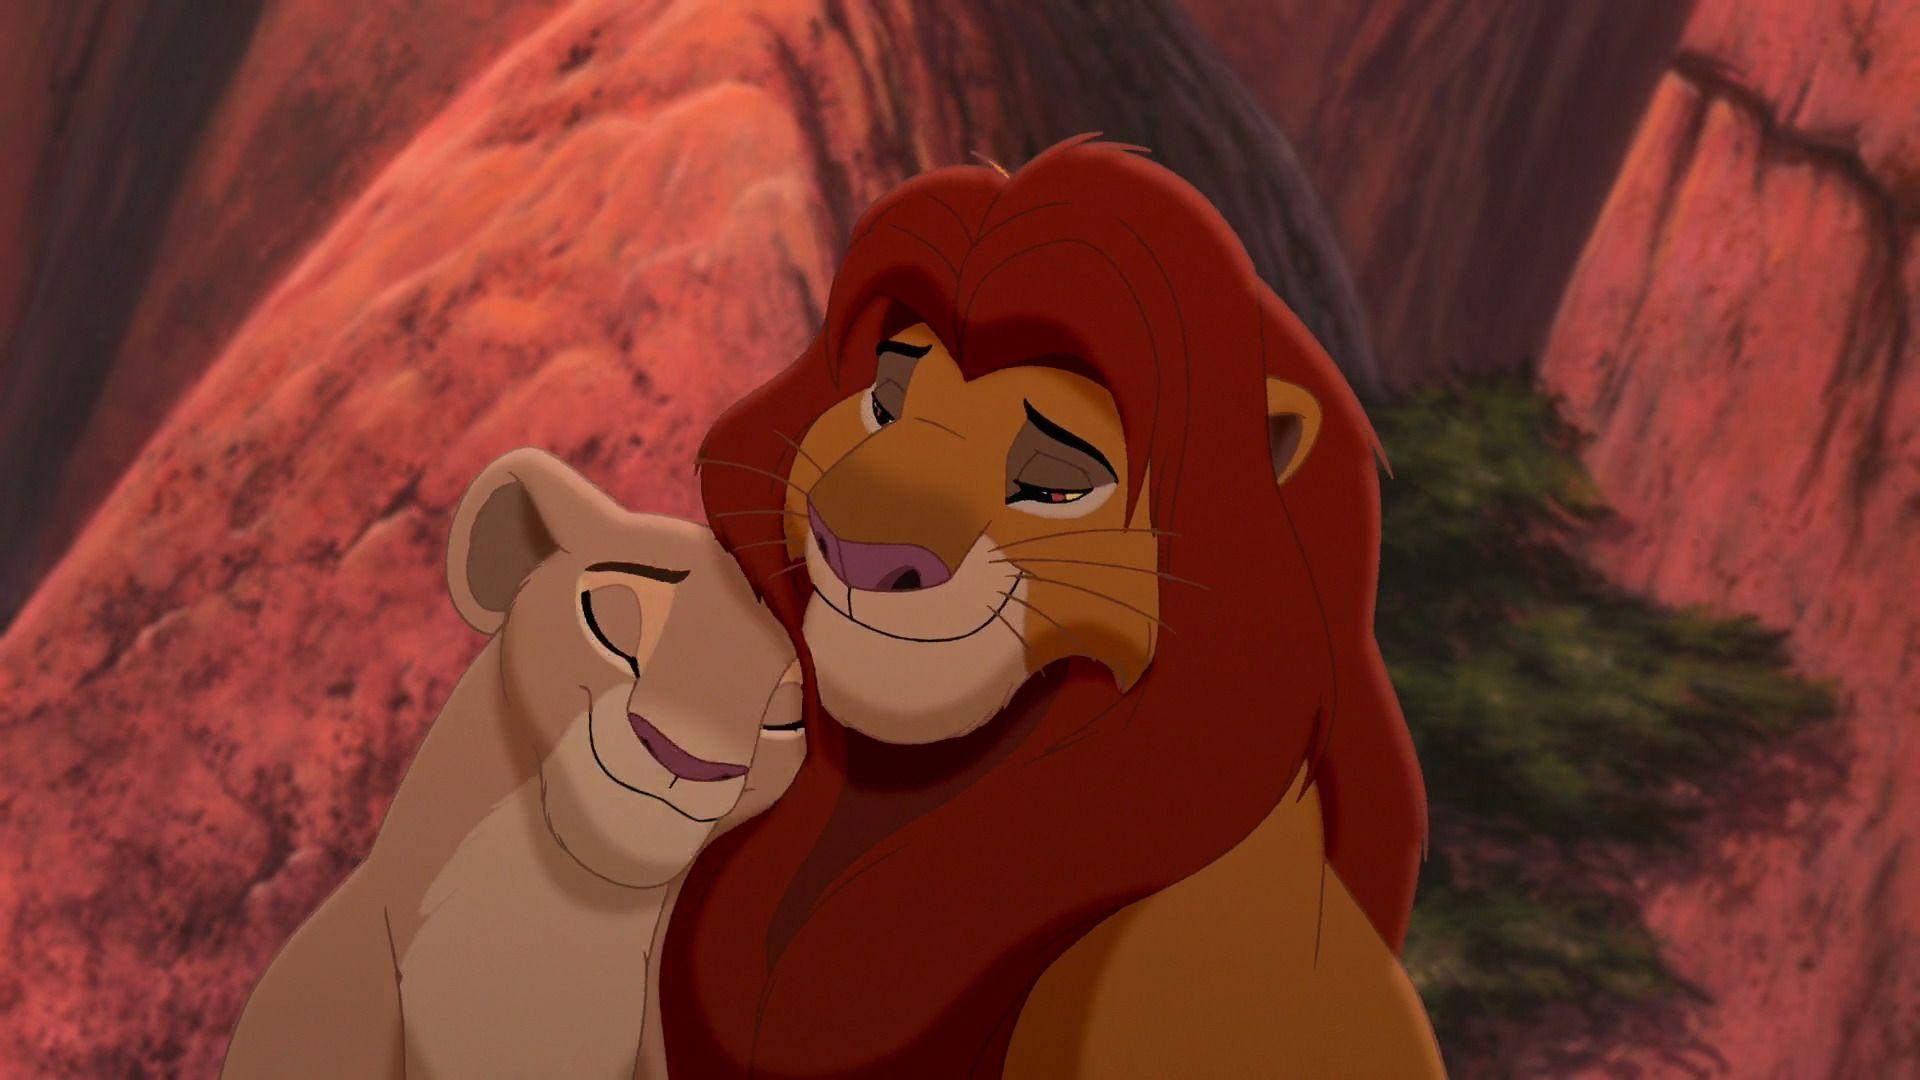 Simba and nala | Lion king art, Lion king movie, Simba, nala